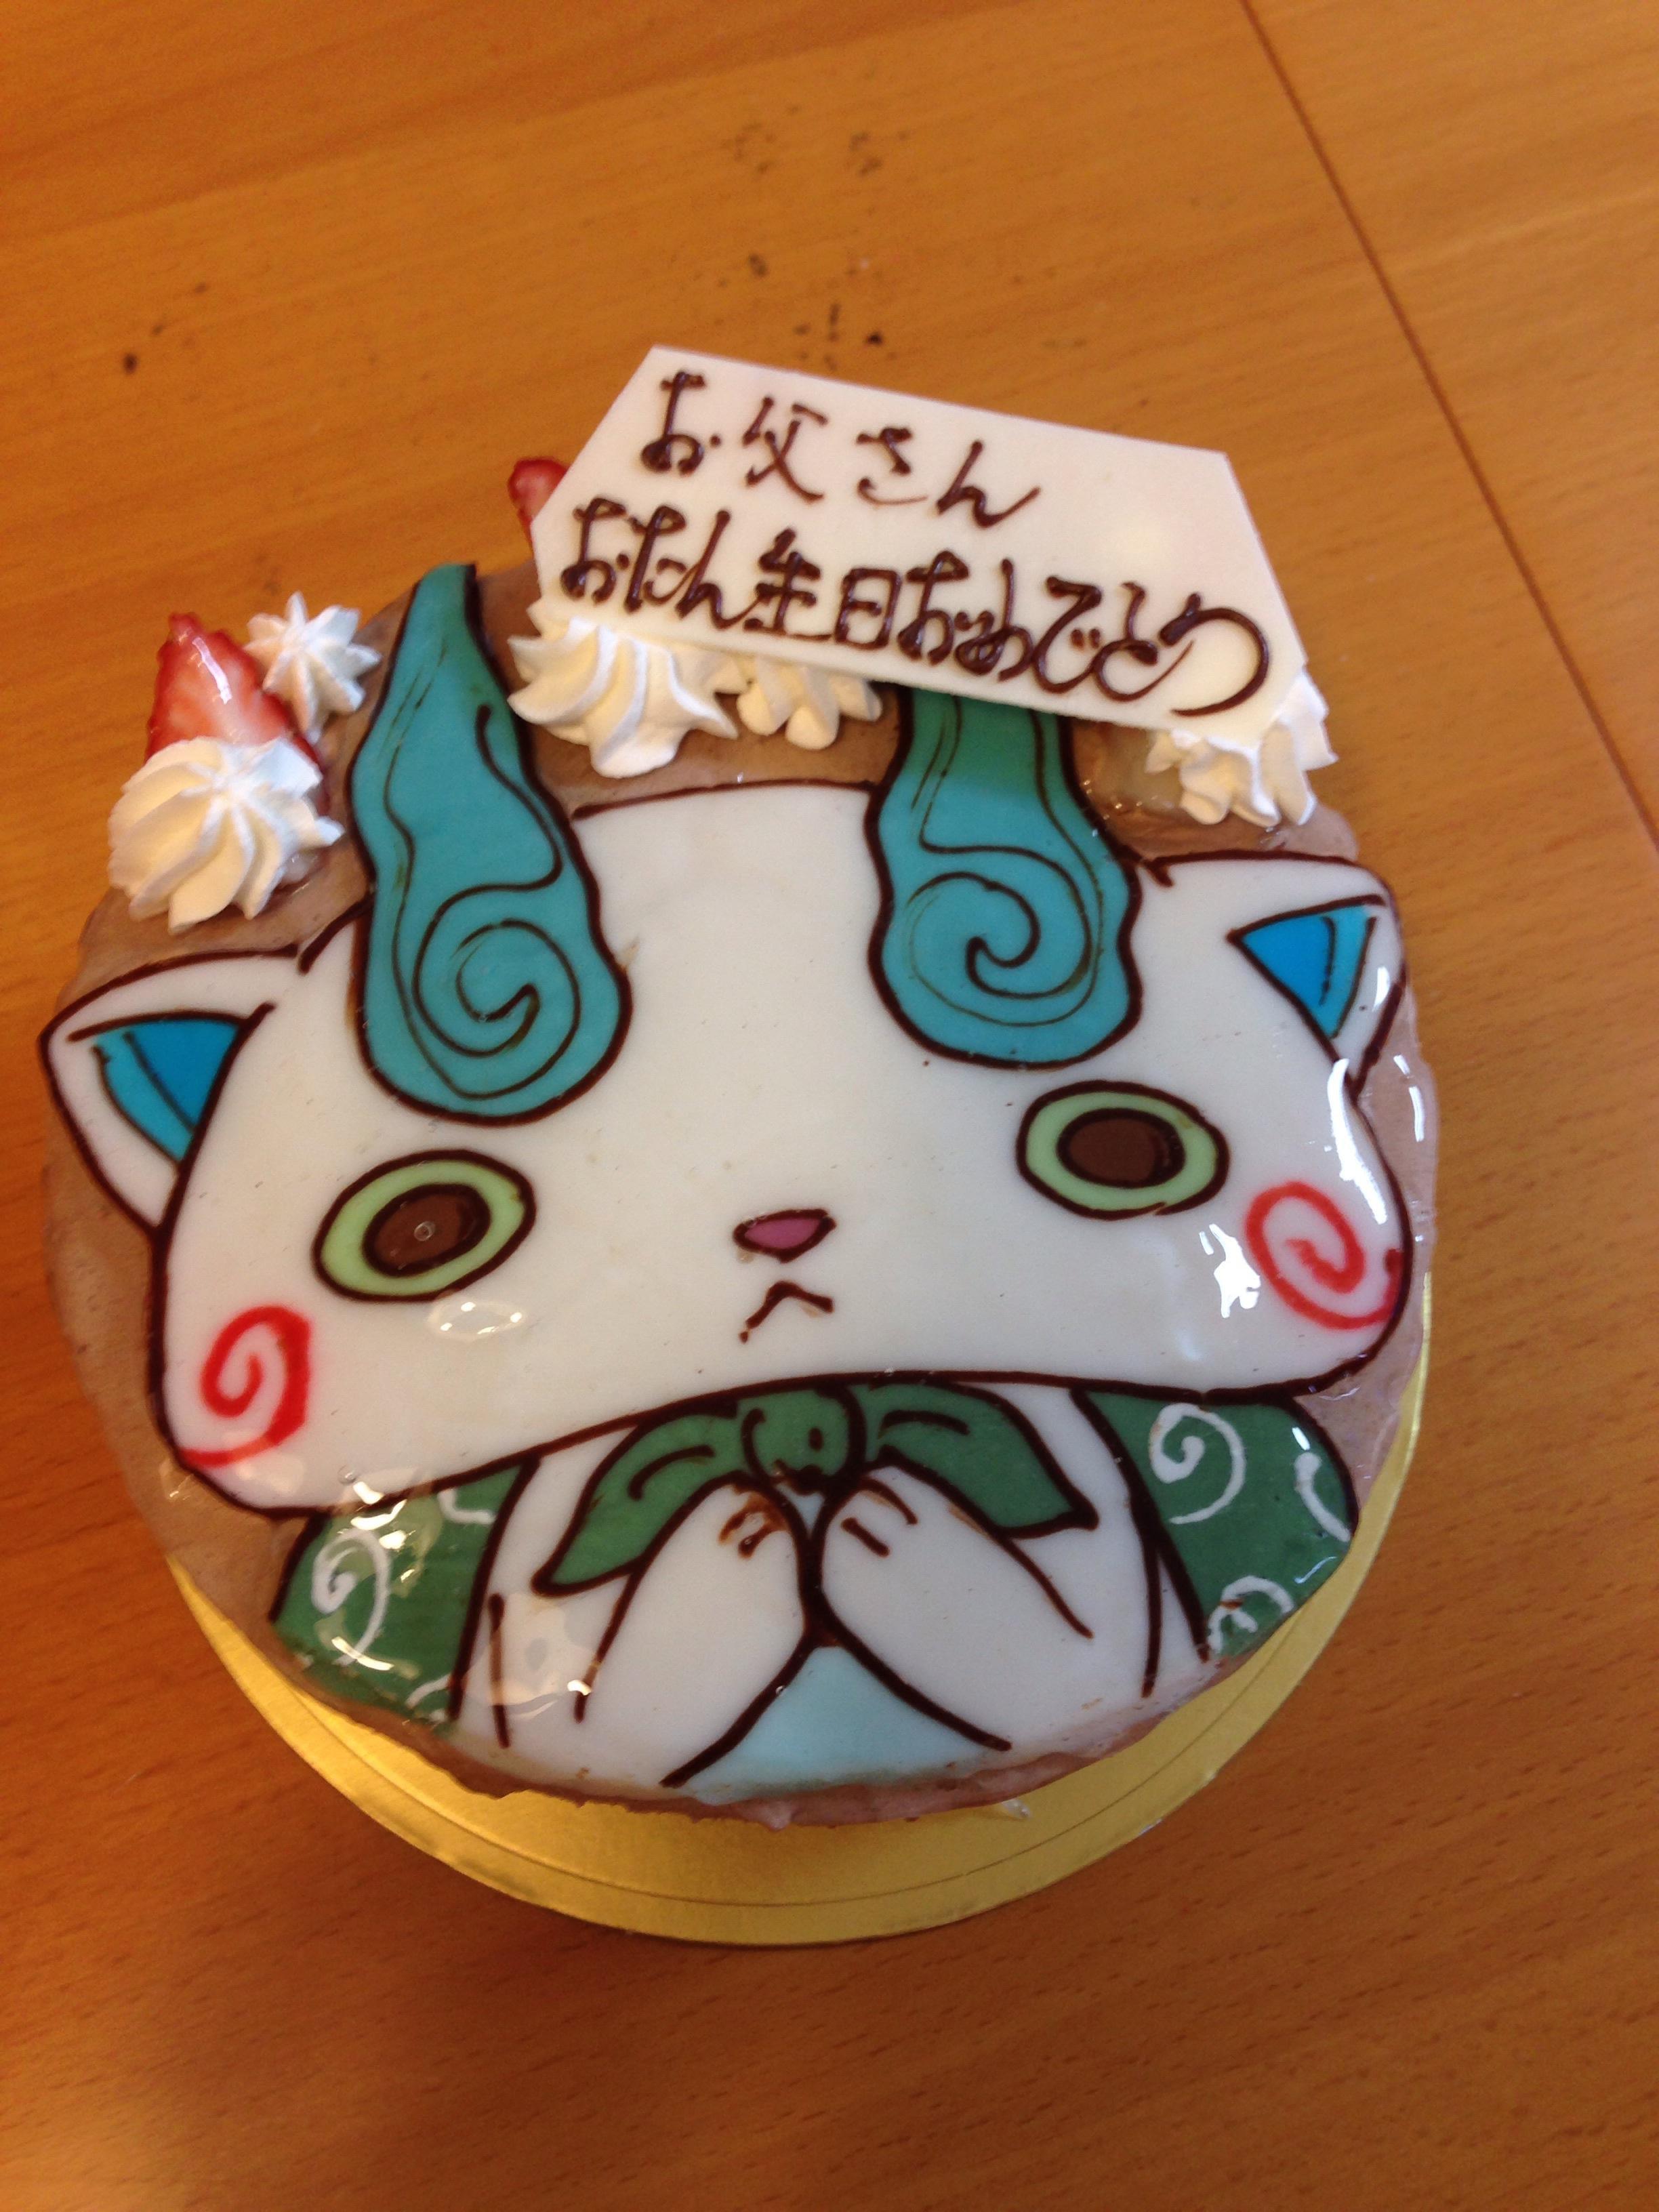 コマさん 子どもからリクエスト誕生日に妖怪ウォッチケーキ 作る